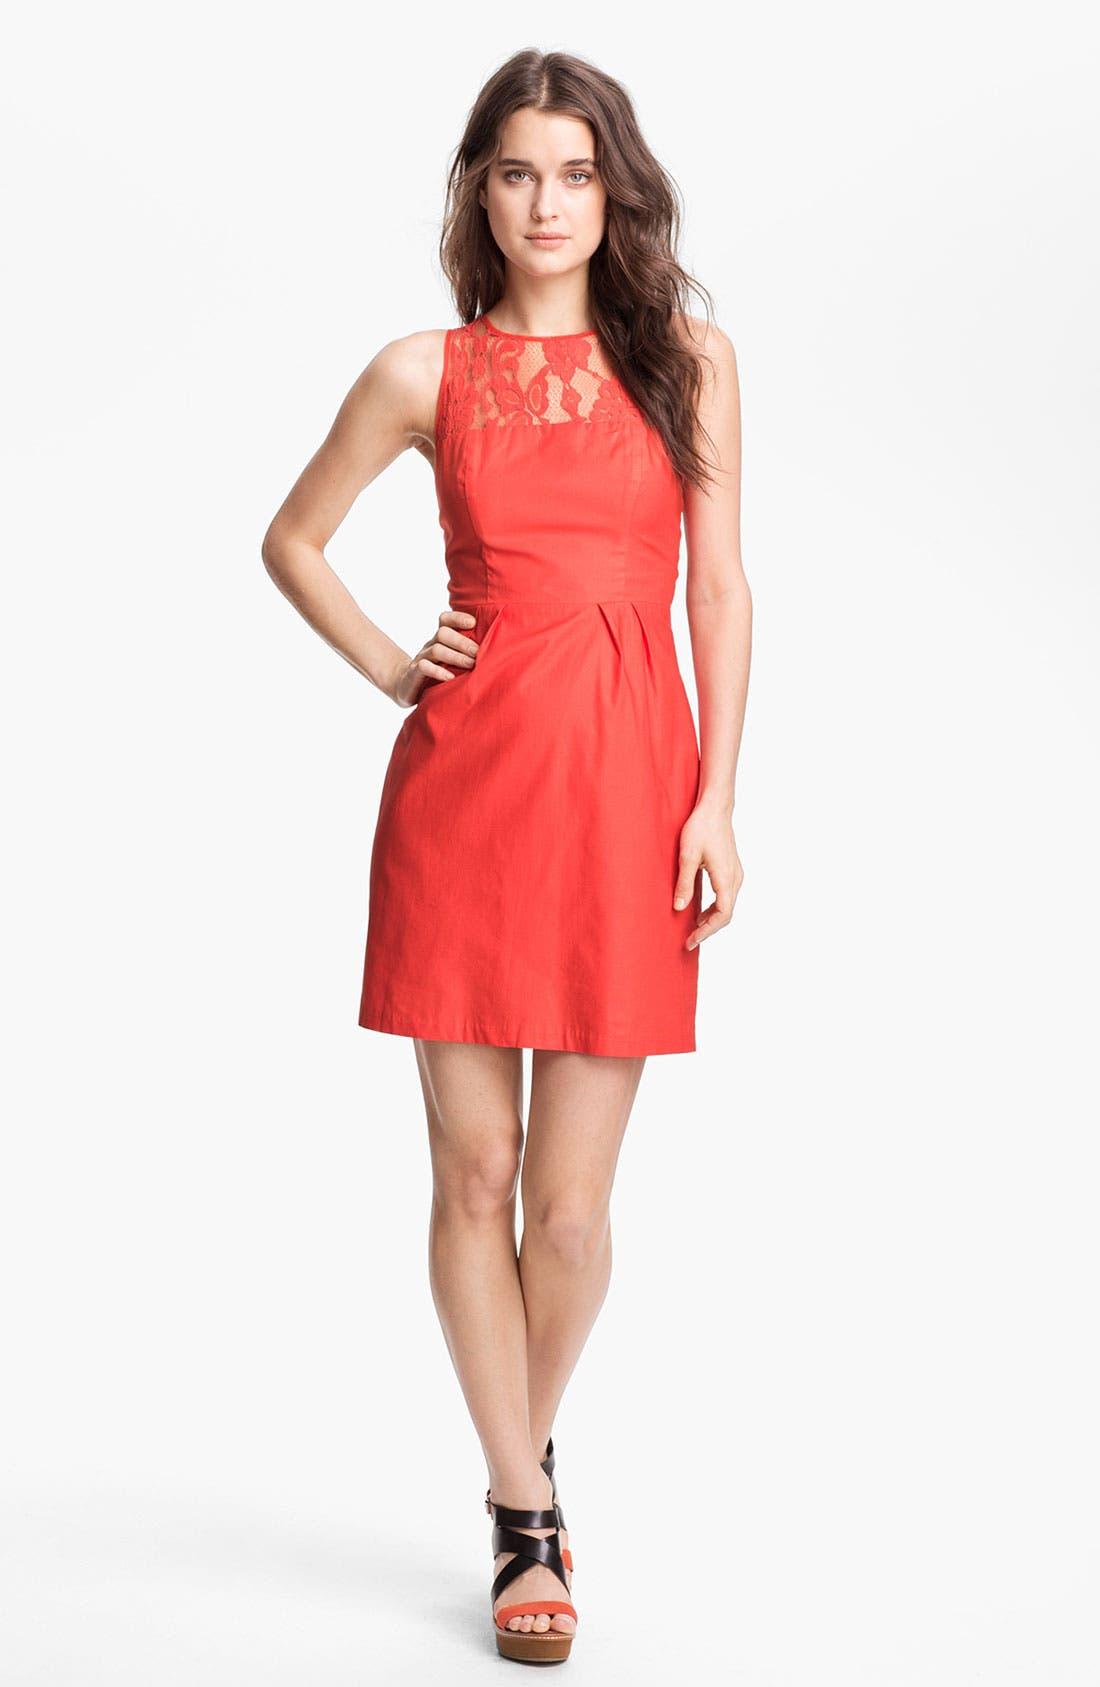 Alternate Image 1 Selected - BB Dakota 'Mandy' Lace Yoke Cotton Sheath Dress